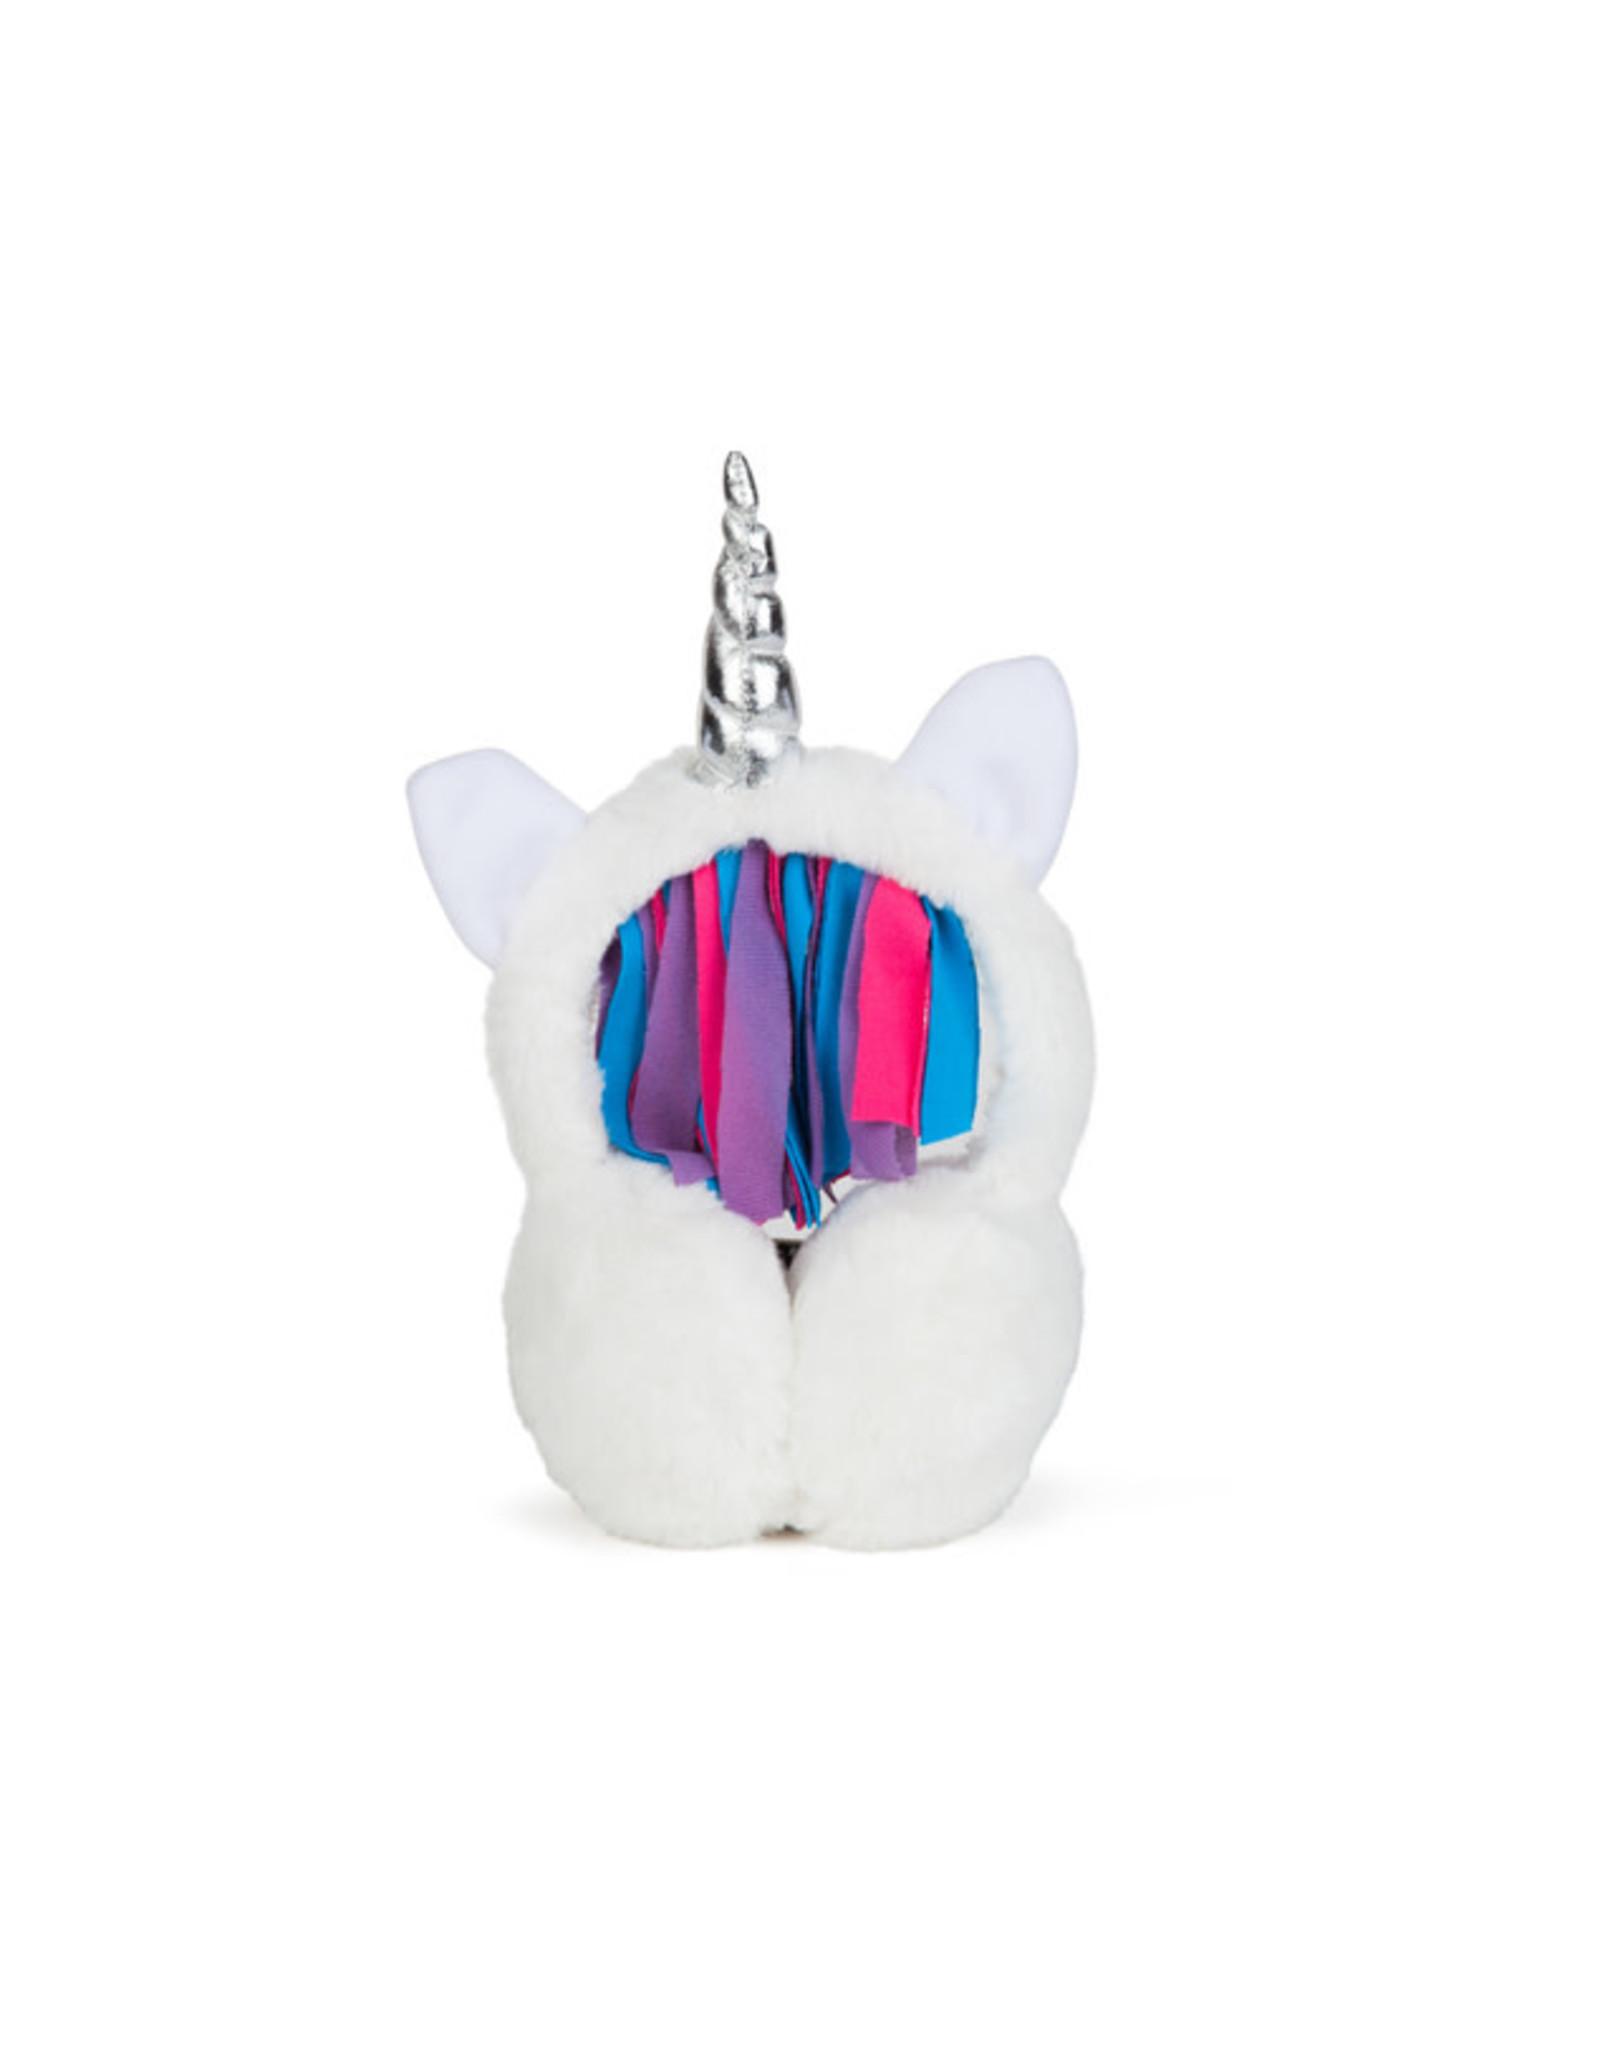 Couvre-oreilles licornesque en peluche